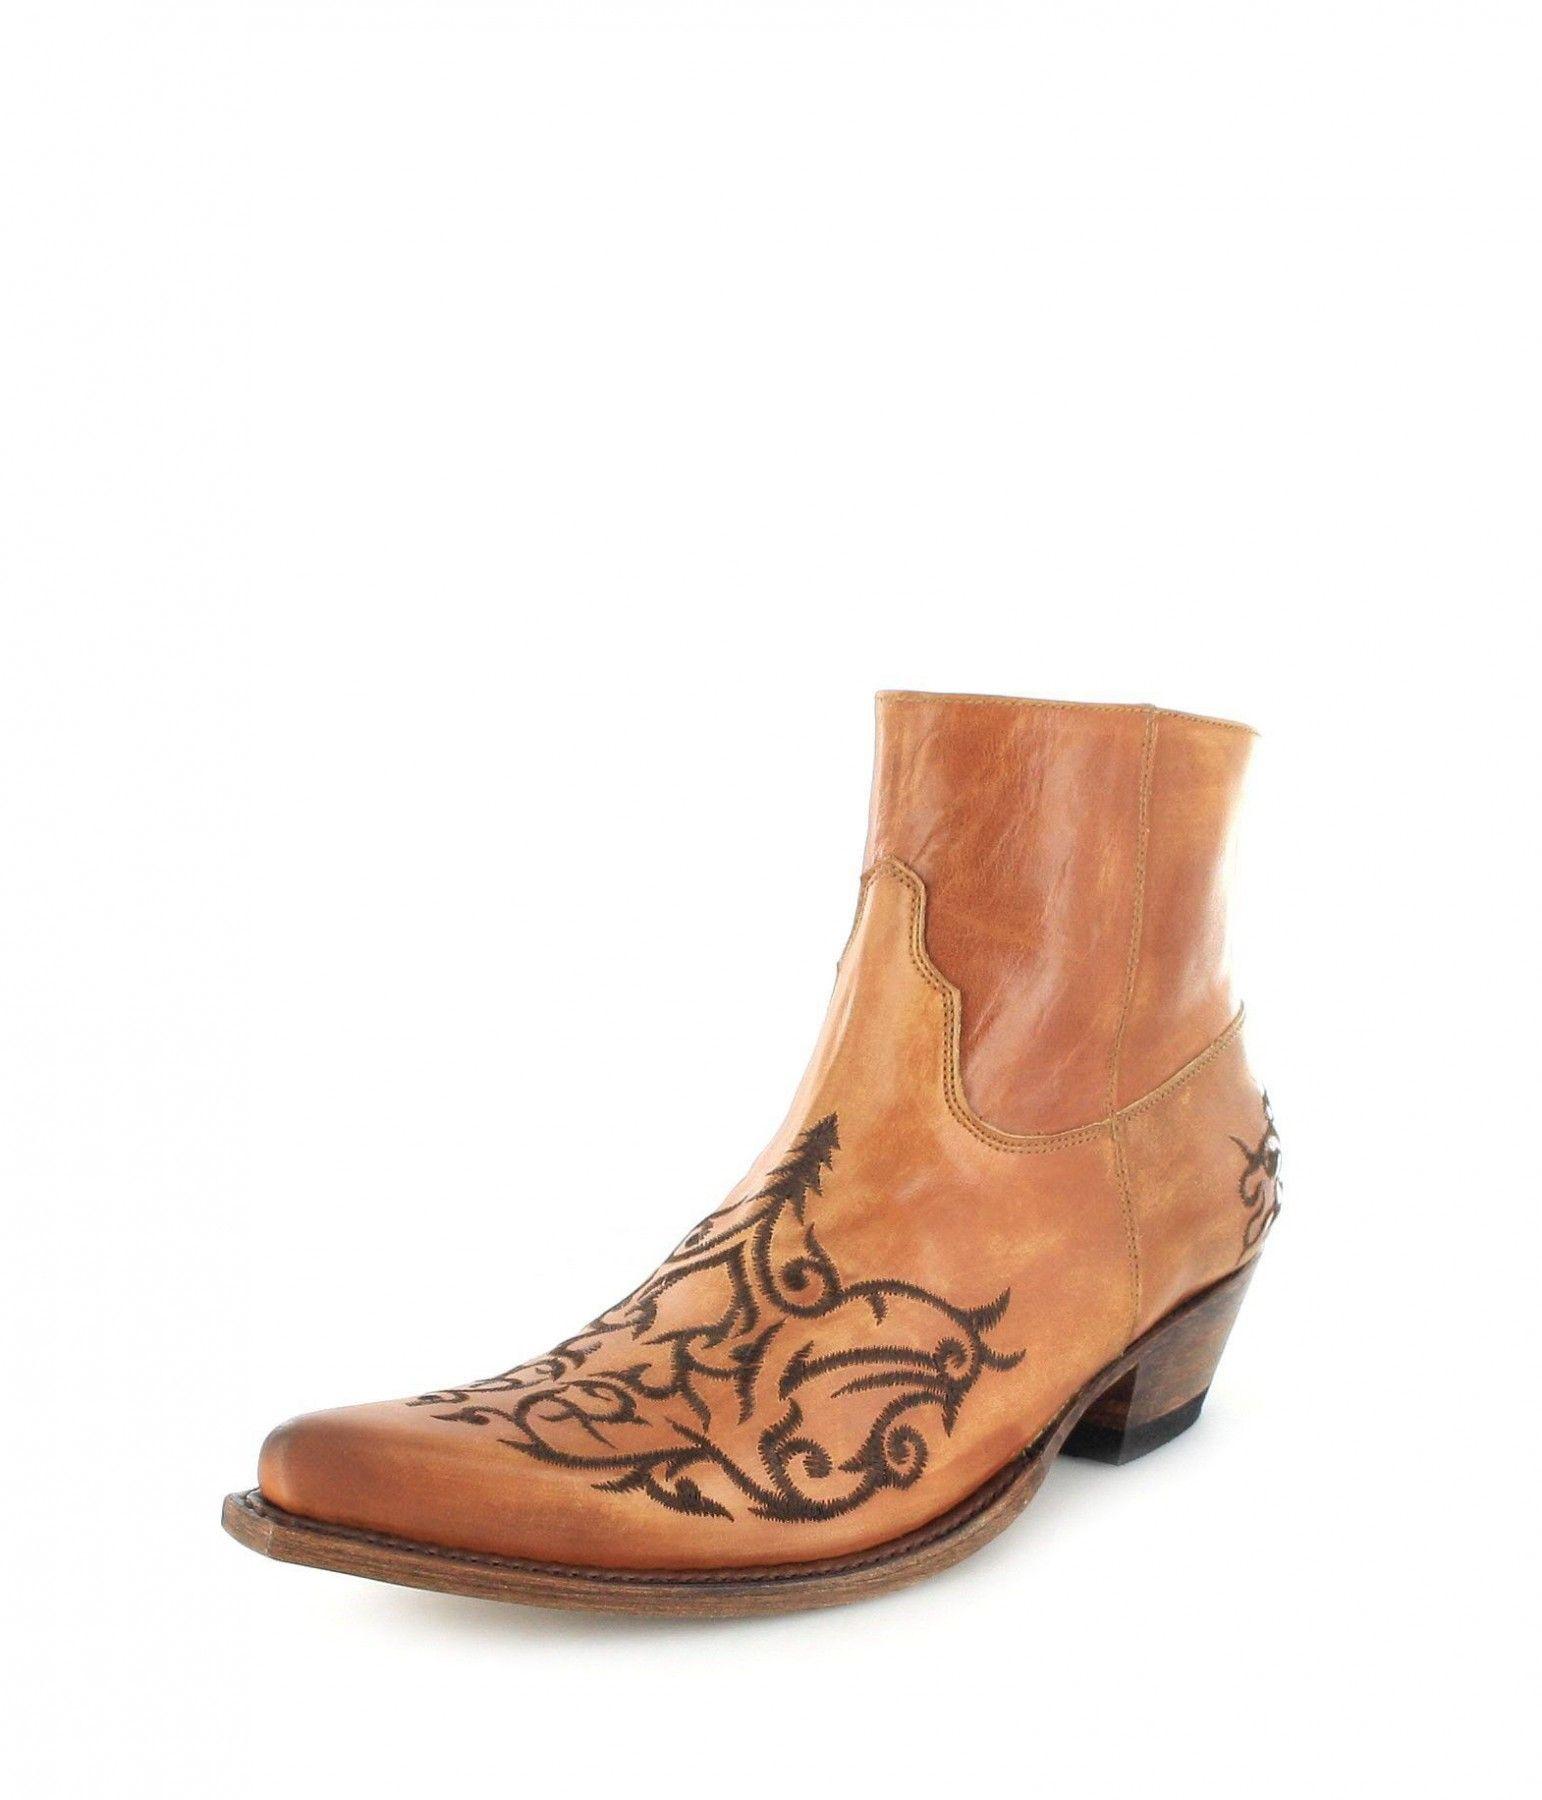 Sendra Boots 7216 Beige Westernstiefelette